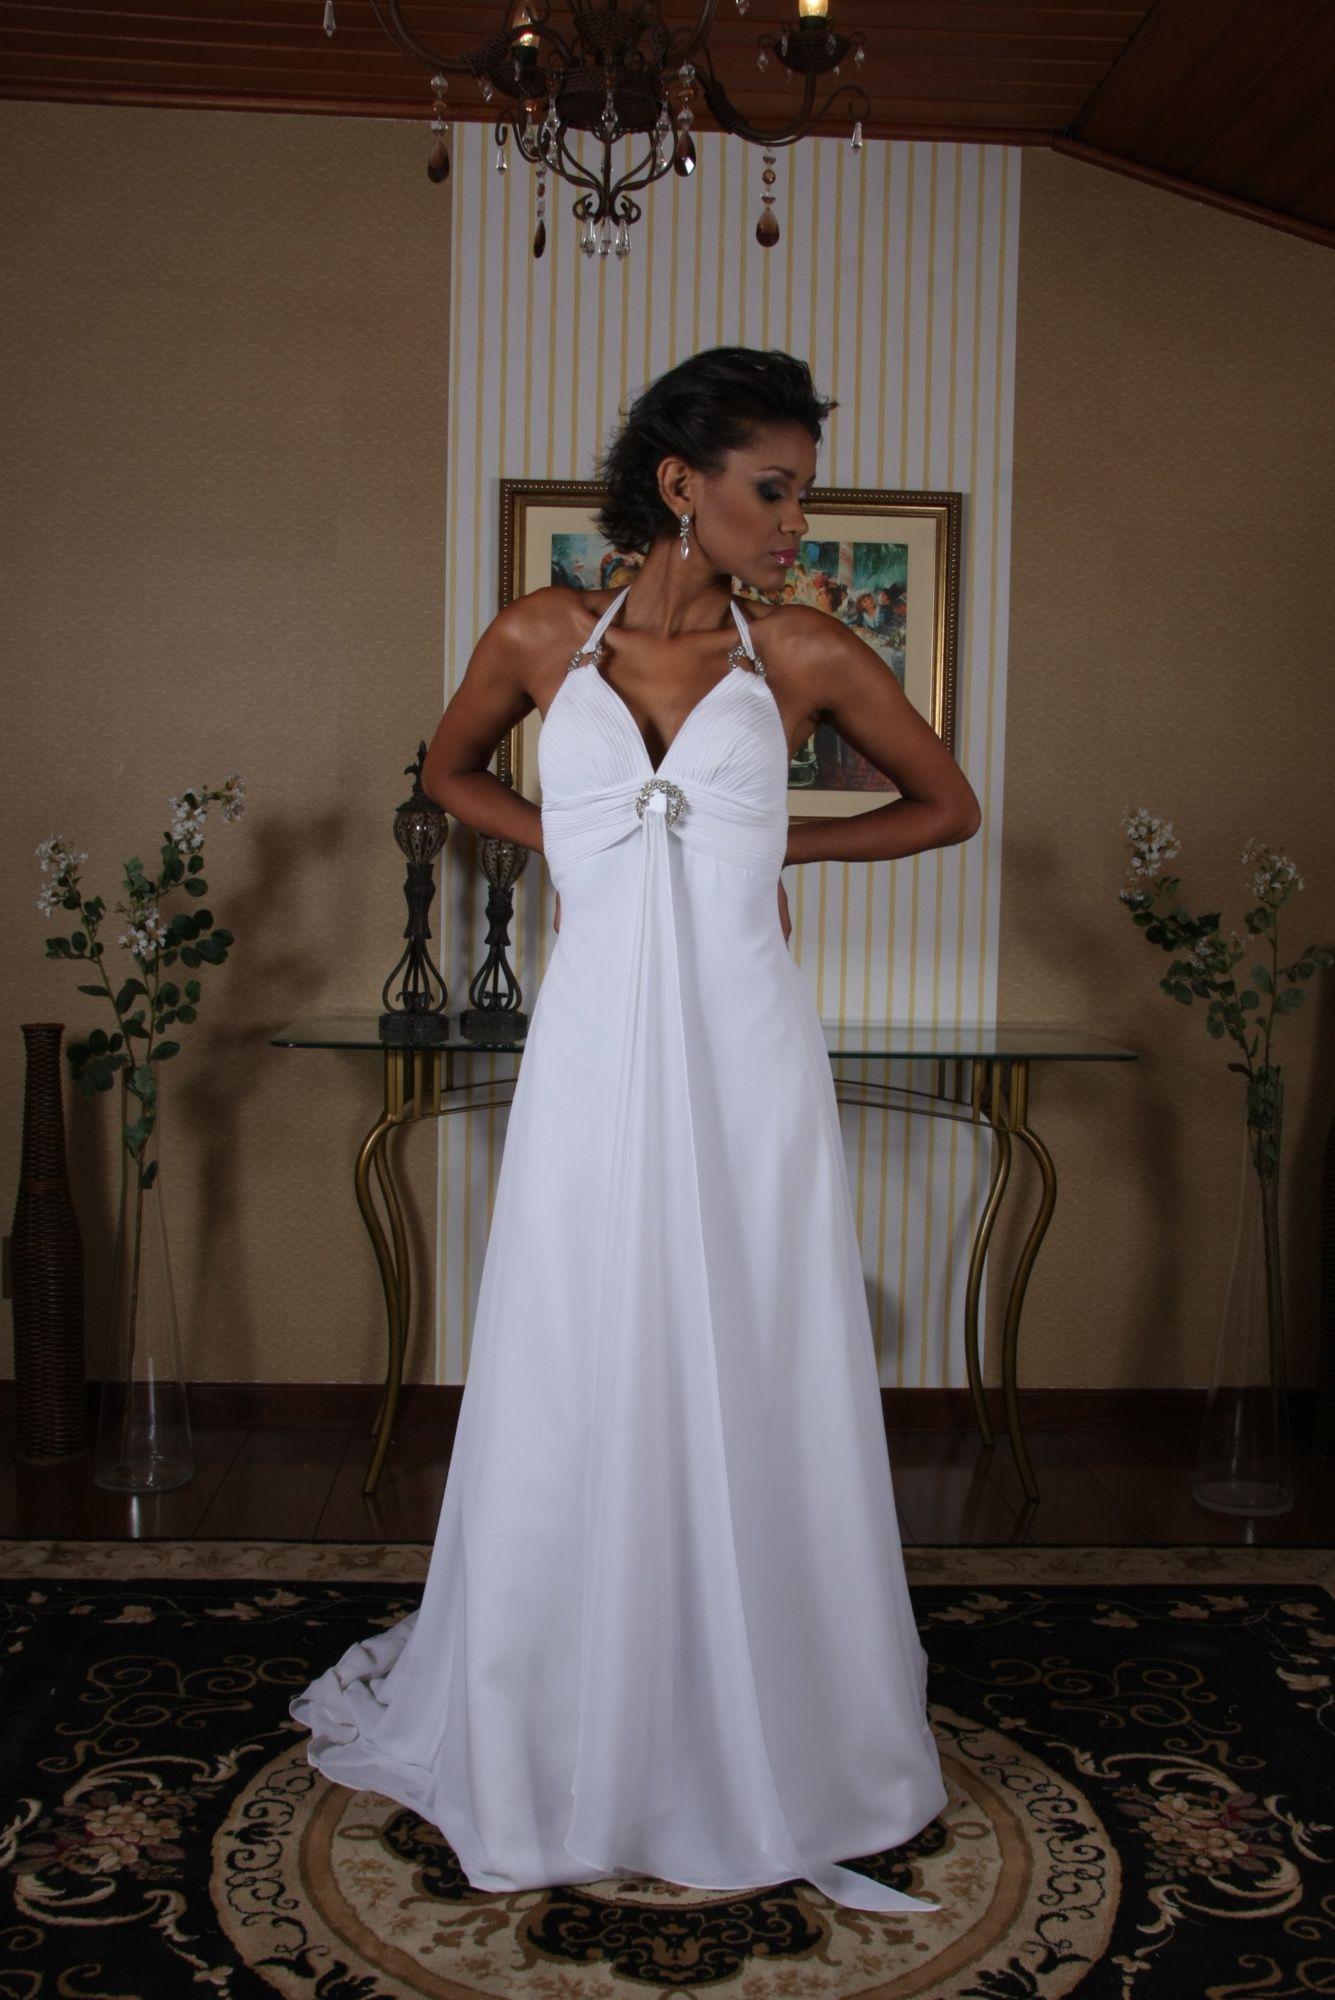 Vestido de Noiva Leve - 9 - Hipnose Alta Costura e Spa para Noivas e Noivos - Campinas - SP Vestido de Noiva, Vestido de Noiva Leve, Hipnose Alta Costura